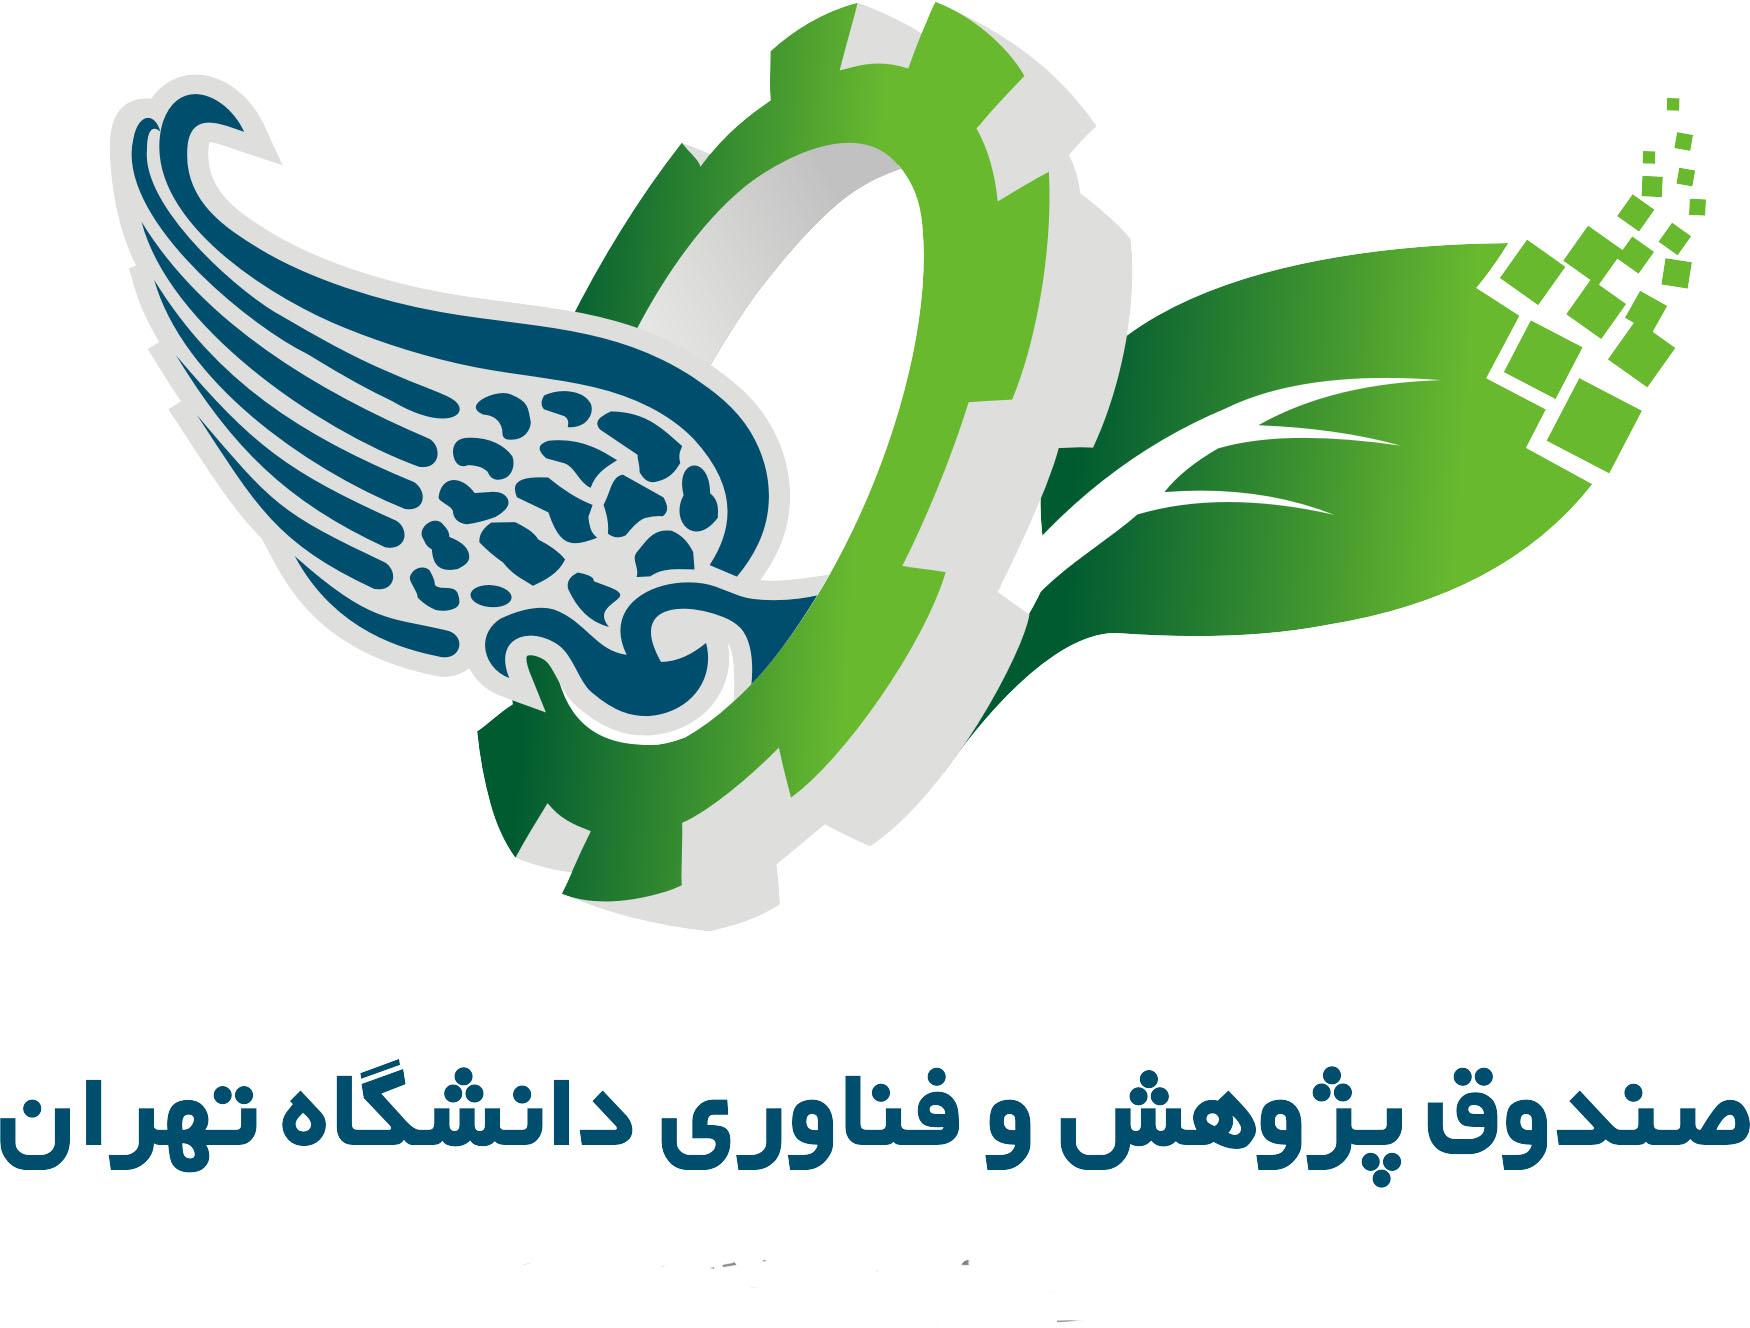 صندوق پژوهش و فناوری دانشگاه تهران